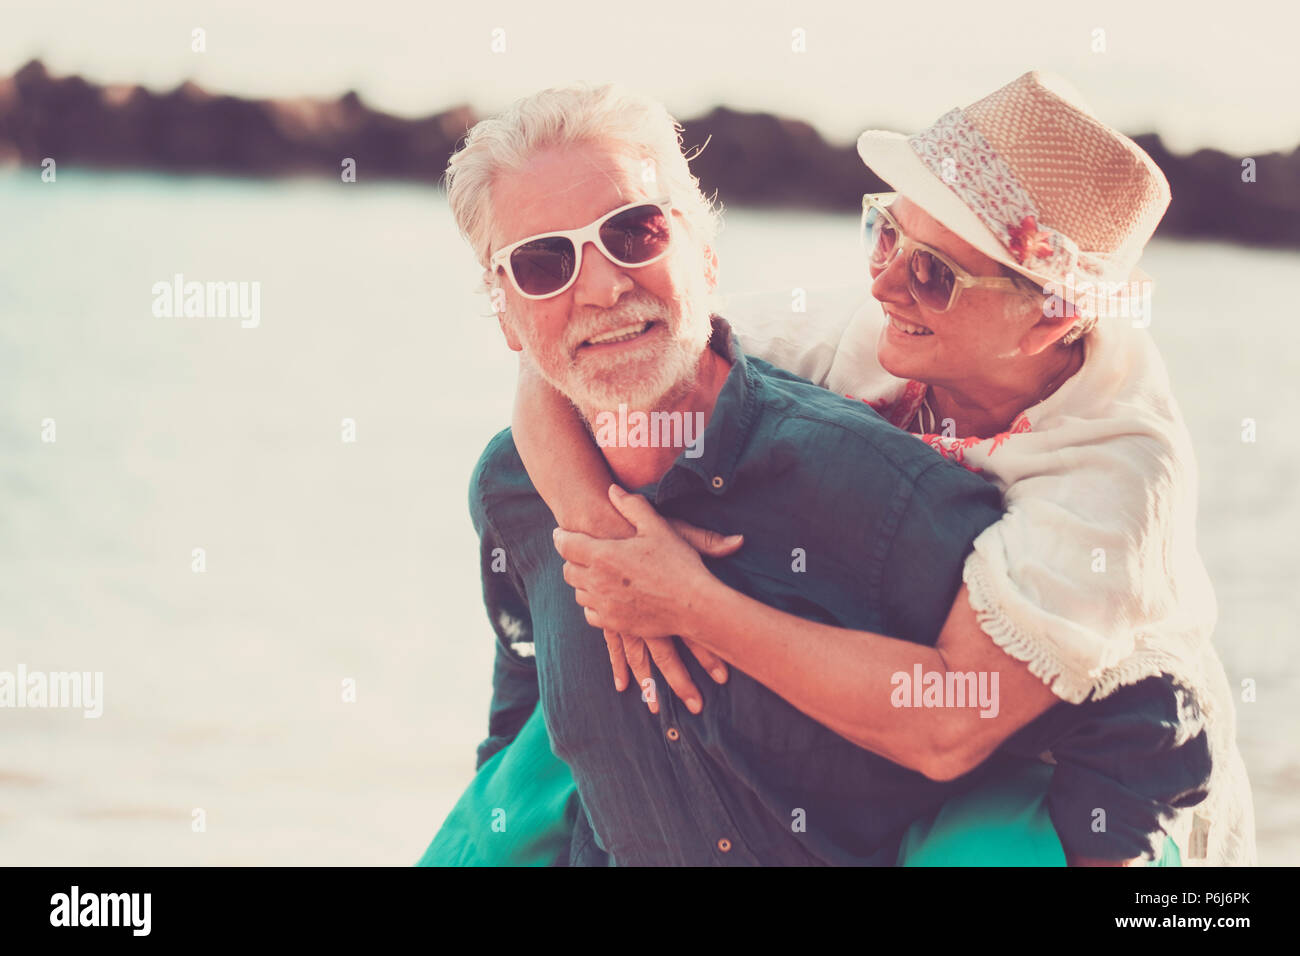 La felicità giovane caucasian persone godono e sorridere all'esterno le attività per il tempo libero durante le vacanze estive. amare per sempre insieme e laughi per un maschio Immagini Stock